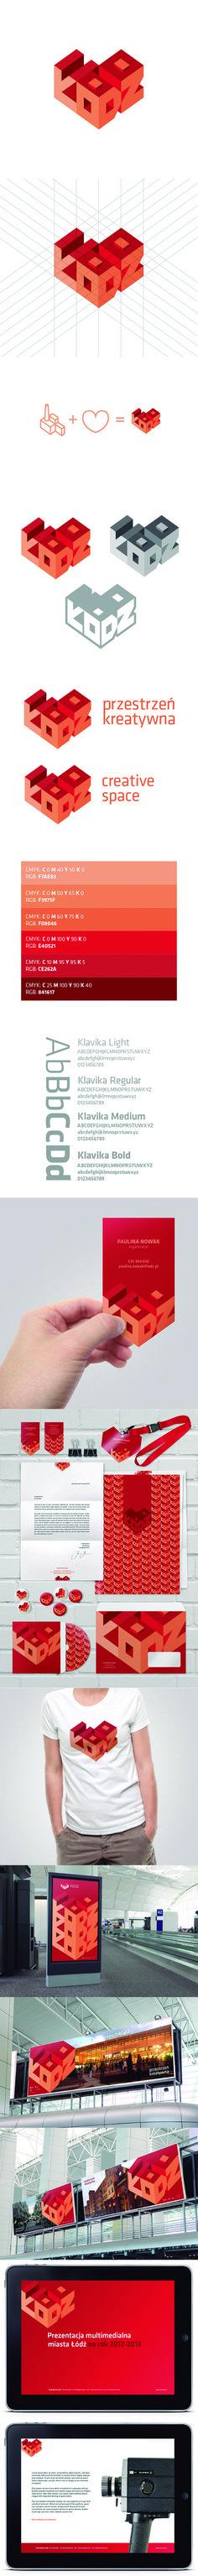 pinterest.com/fra411 ##branding - lodz branding